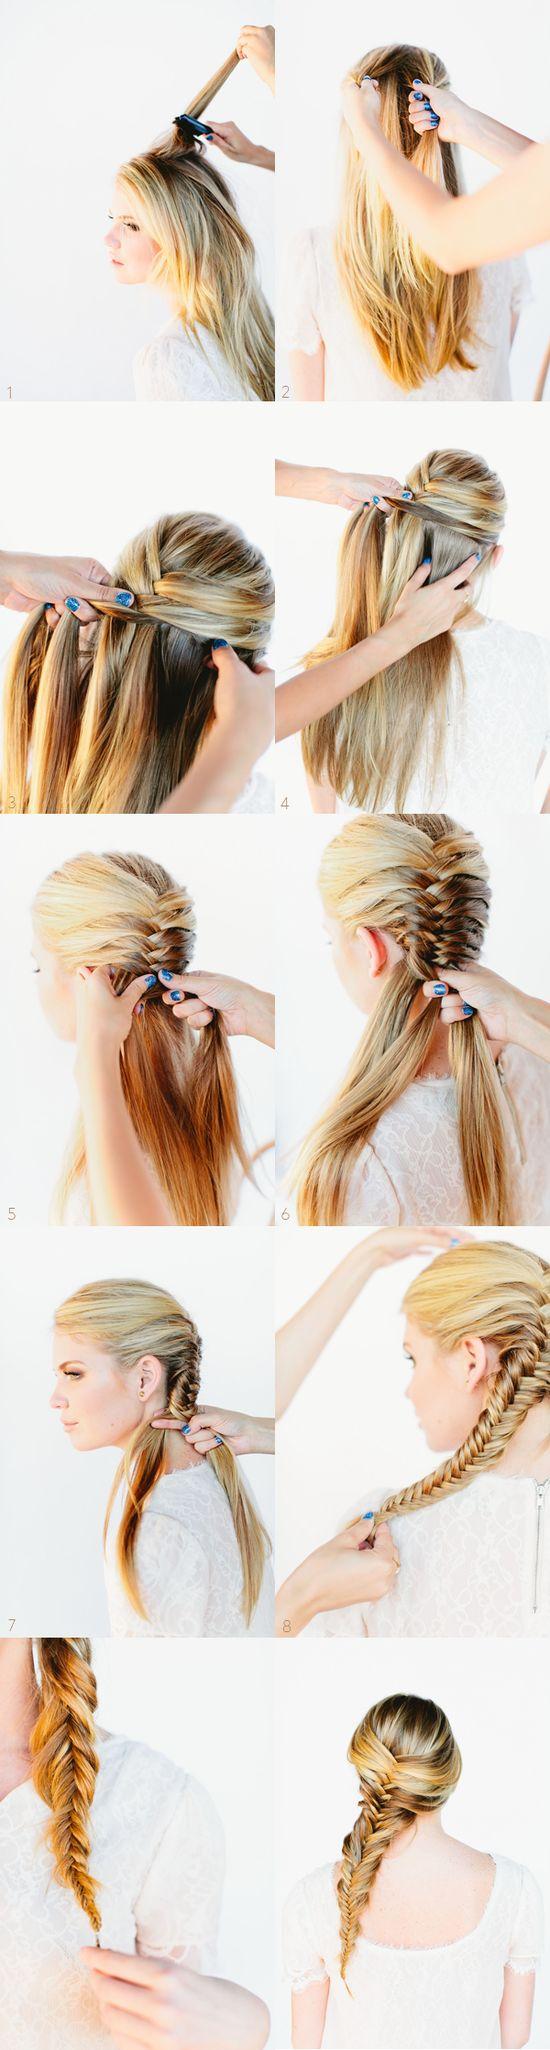 22 Useful Hair Braid Ideas, FISHTAIL BRAID HAIR